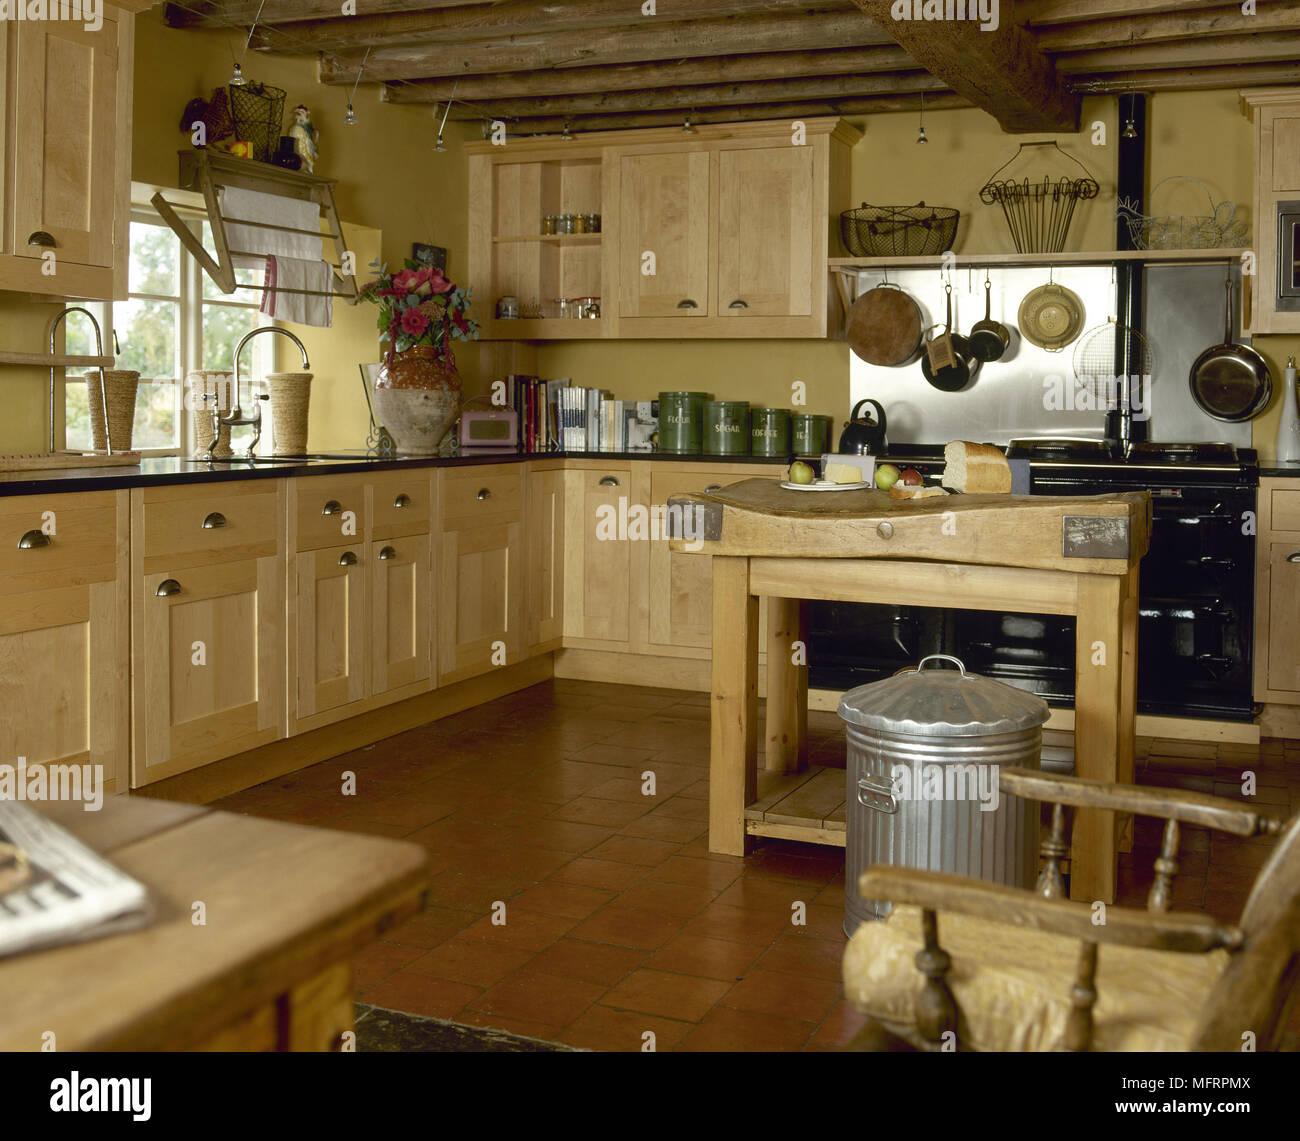 Beste Gehäuse Design Für Kleine Küche Ideen - Küchen Design Ideen ...